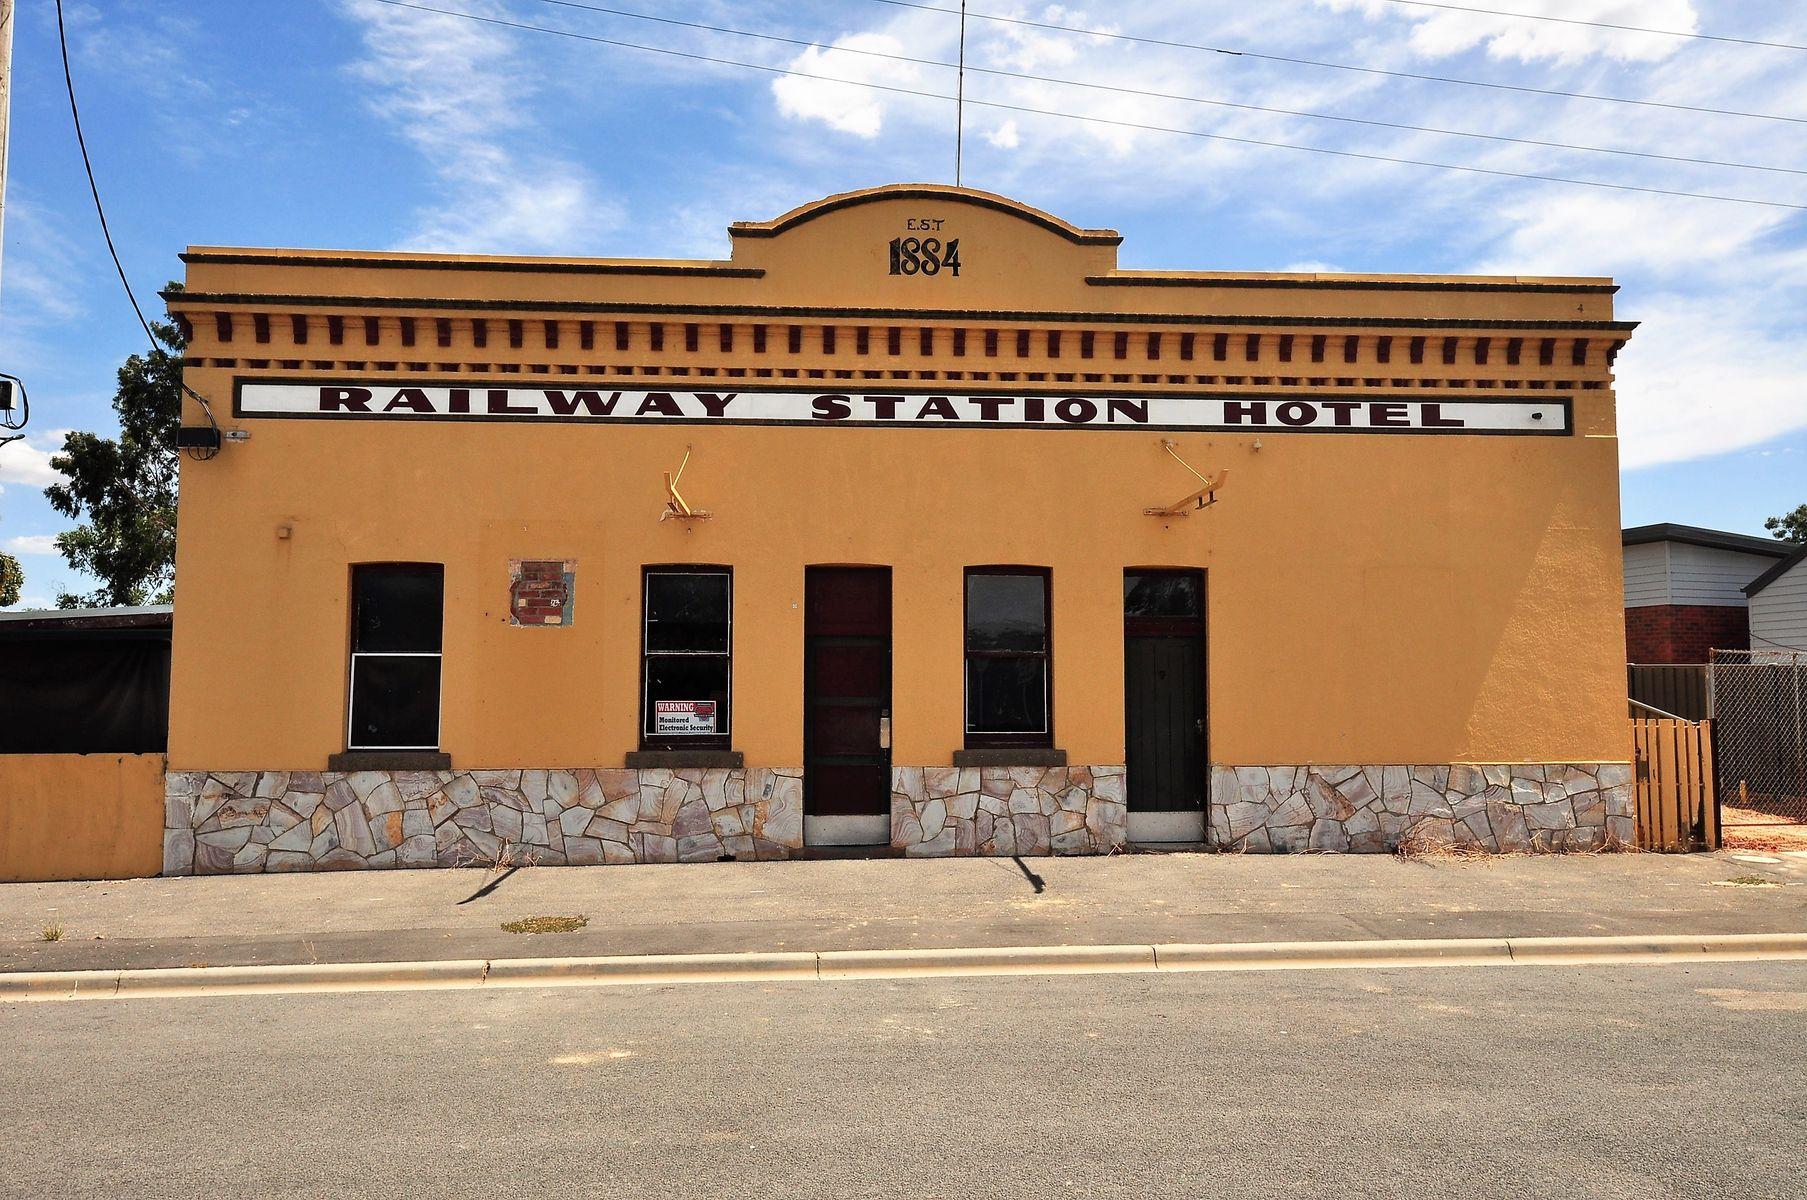 9 Hall Street, Eaglehawk, VIC 3556